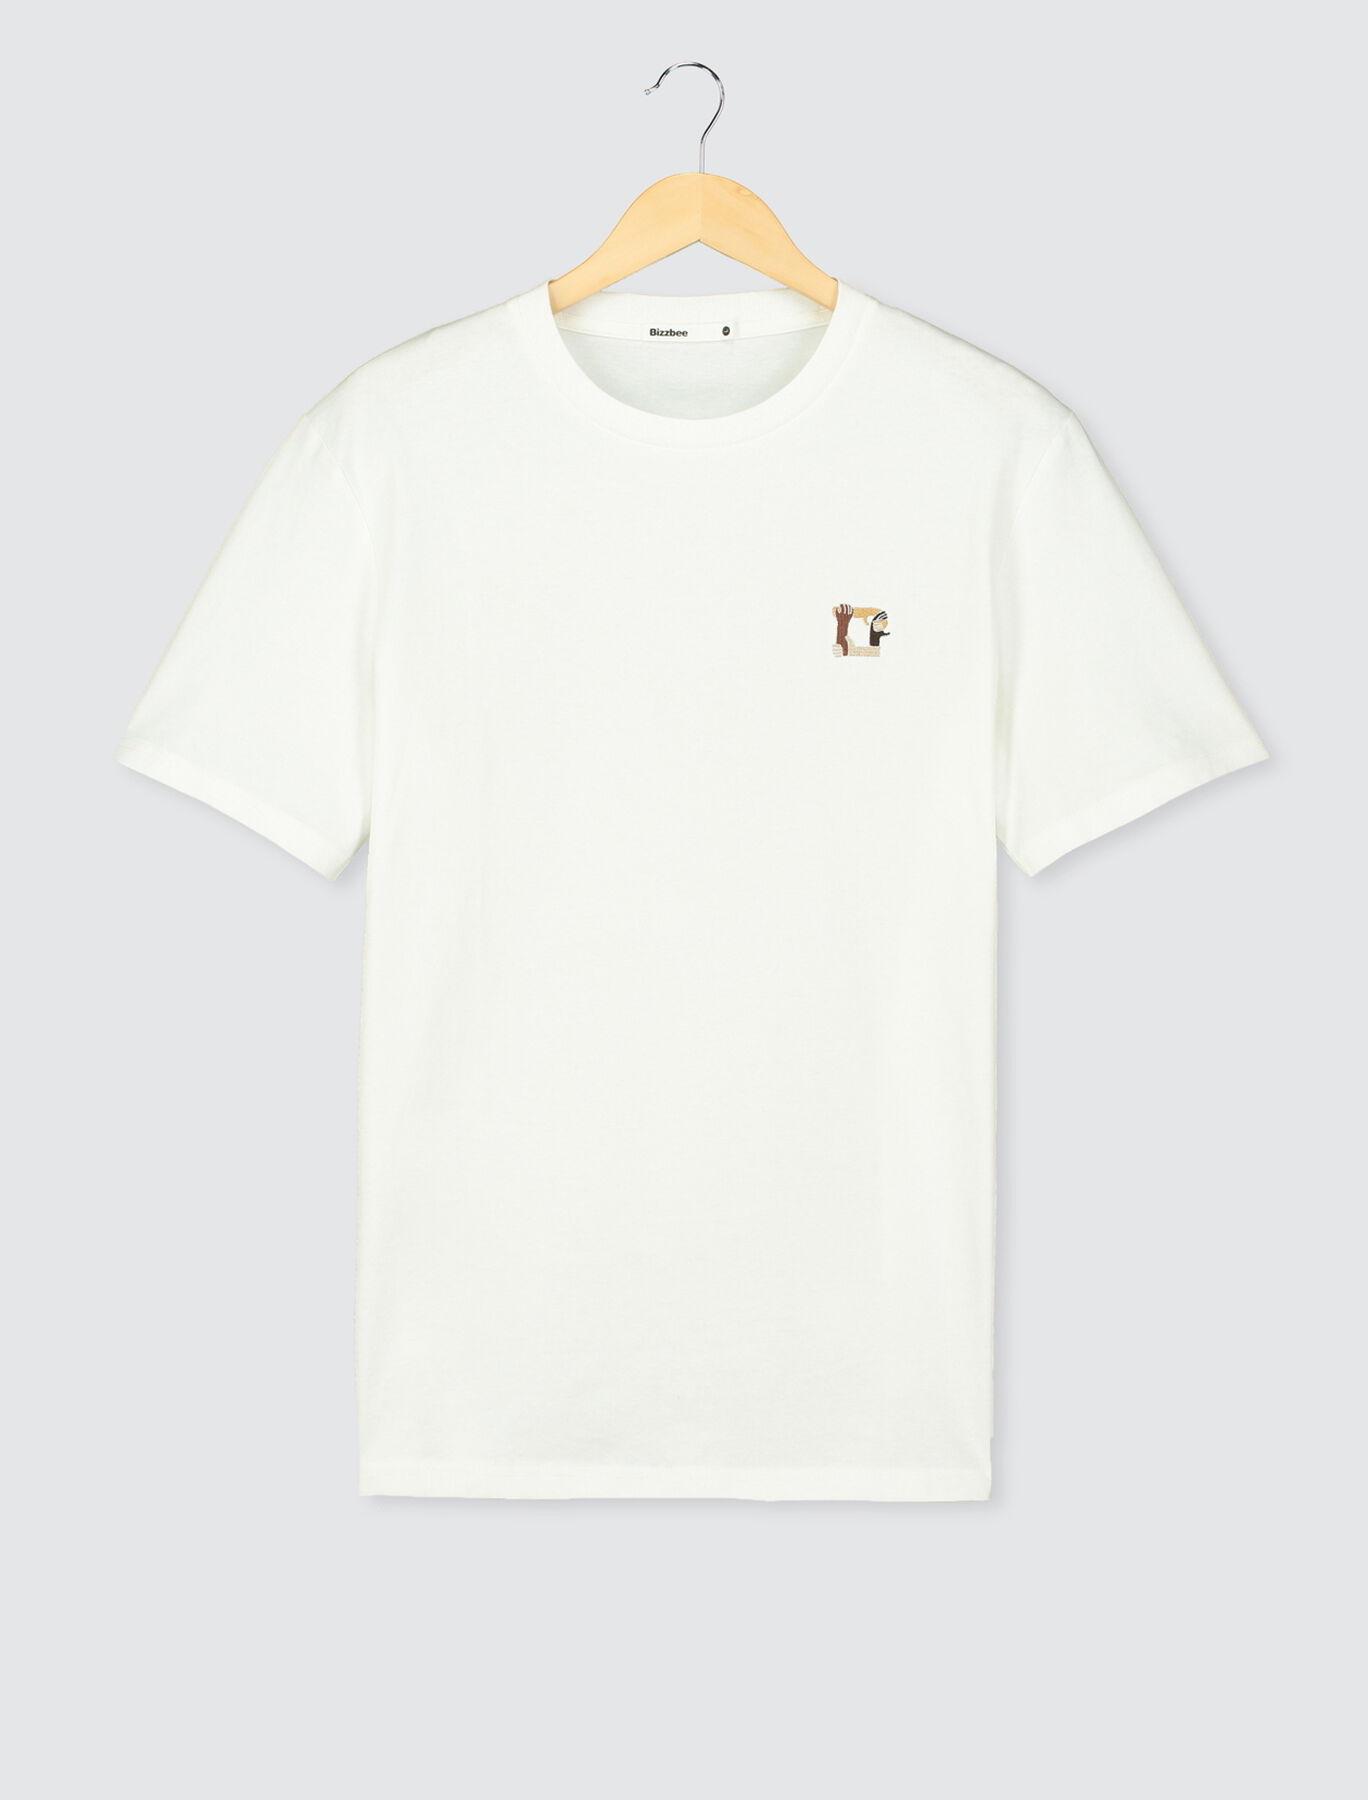 T-shirt broderie mains